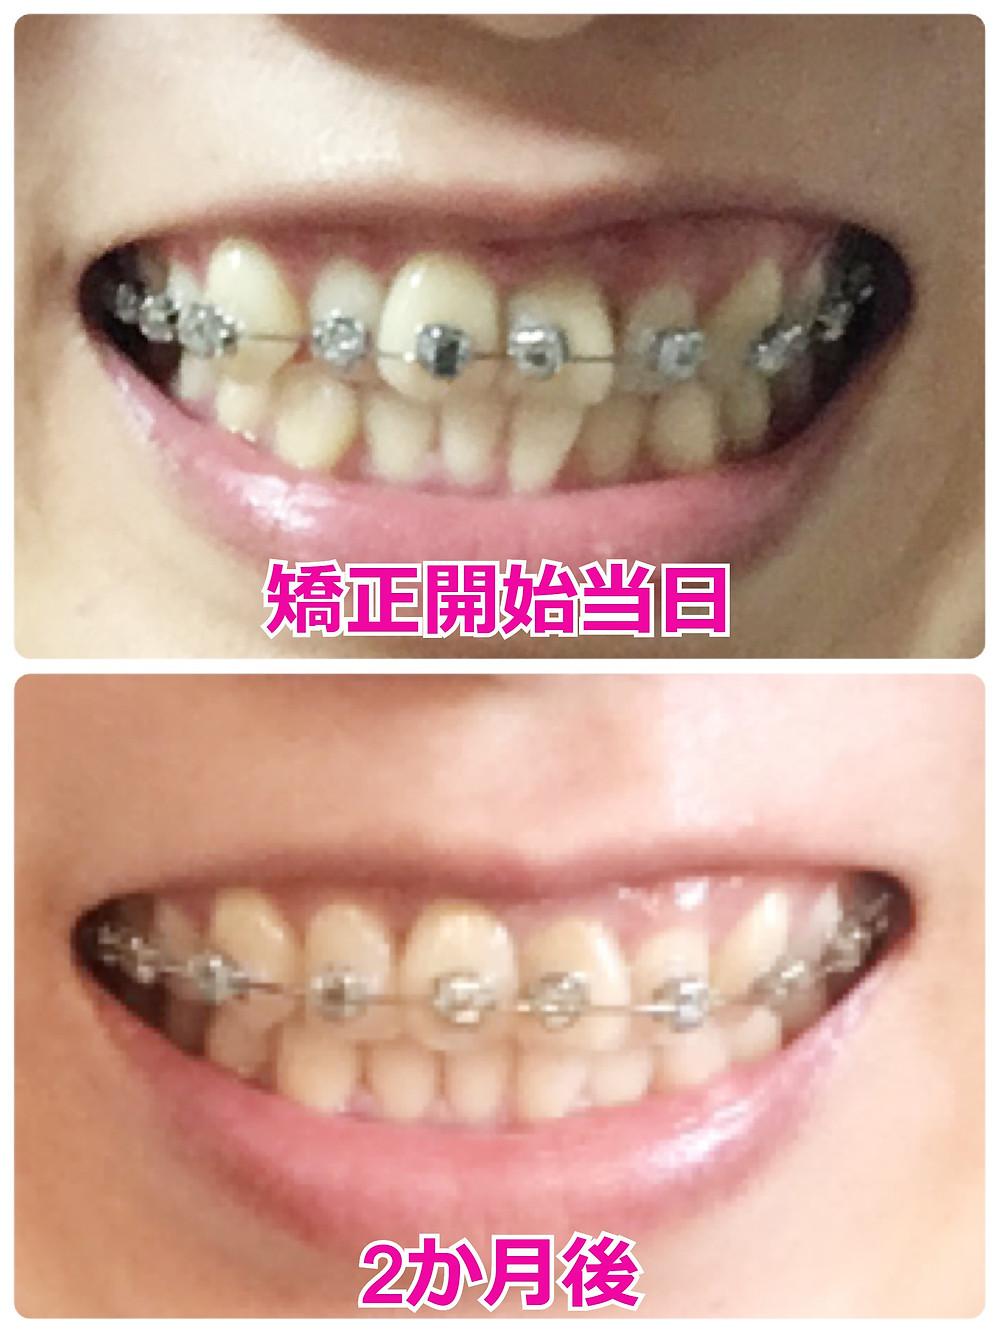 歯を抜かない歯列矯正のビフォーアフター【正面】